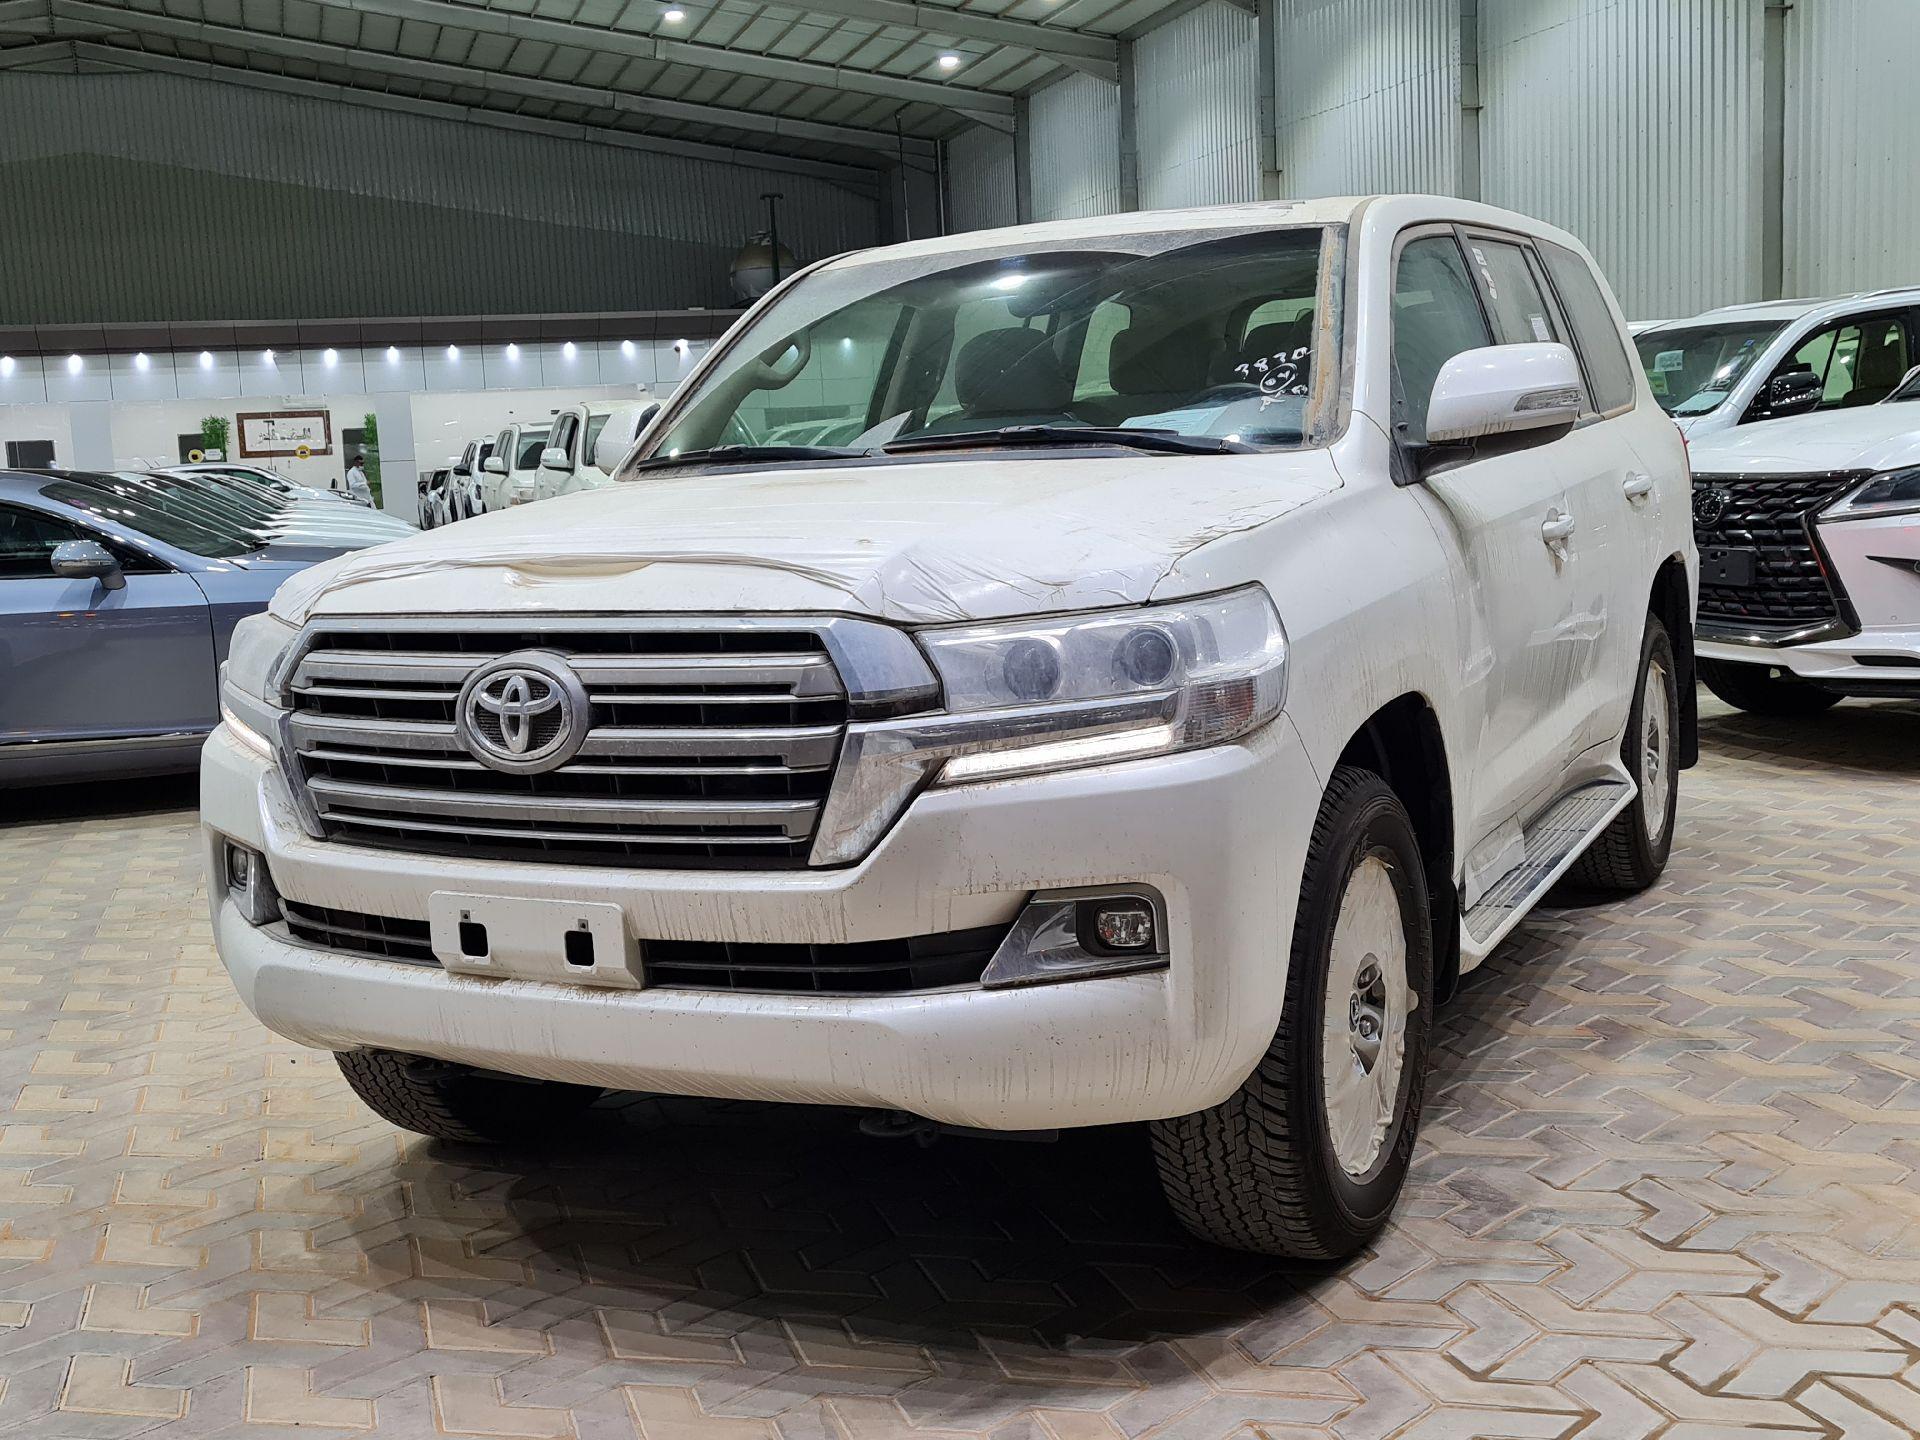 تويوتا لاندكروزر GXR2 2021 نص فل عماني للبيع في الرياض - السعودية - صورة كبيرة - 1